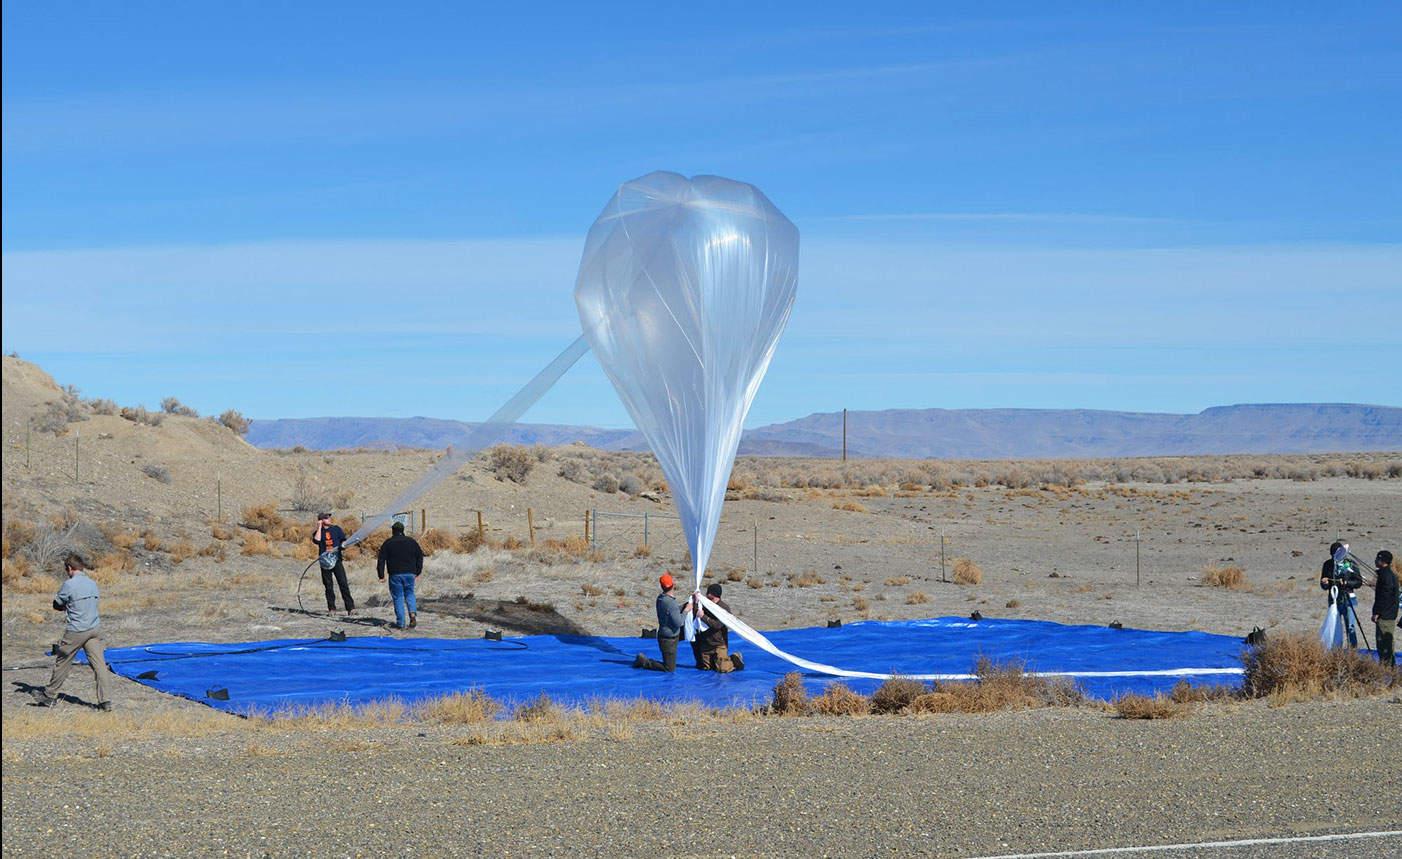 Projet Loon de Google - Ballon stratosphérique